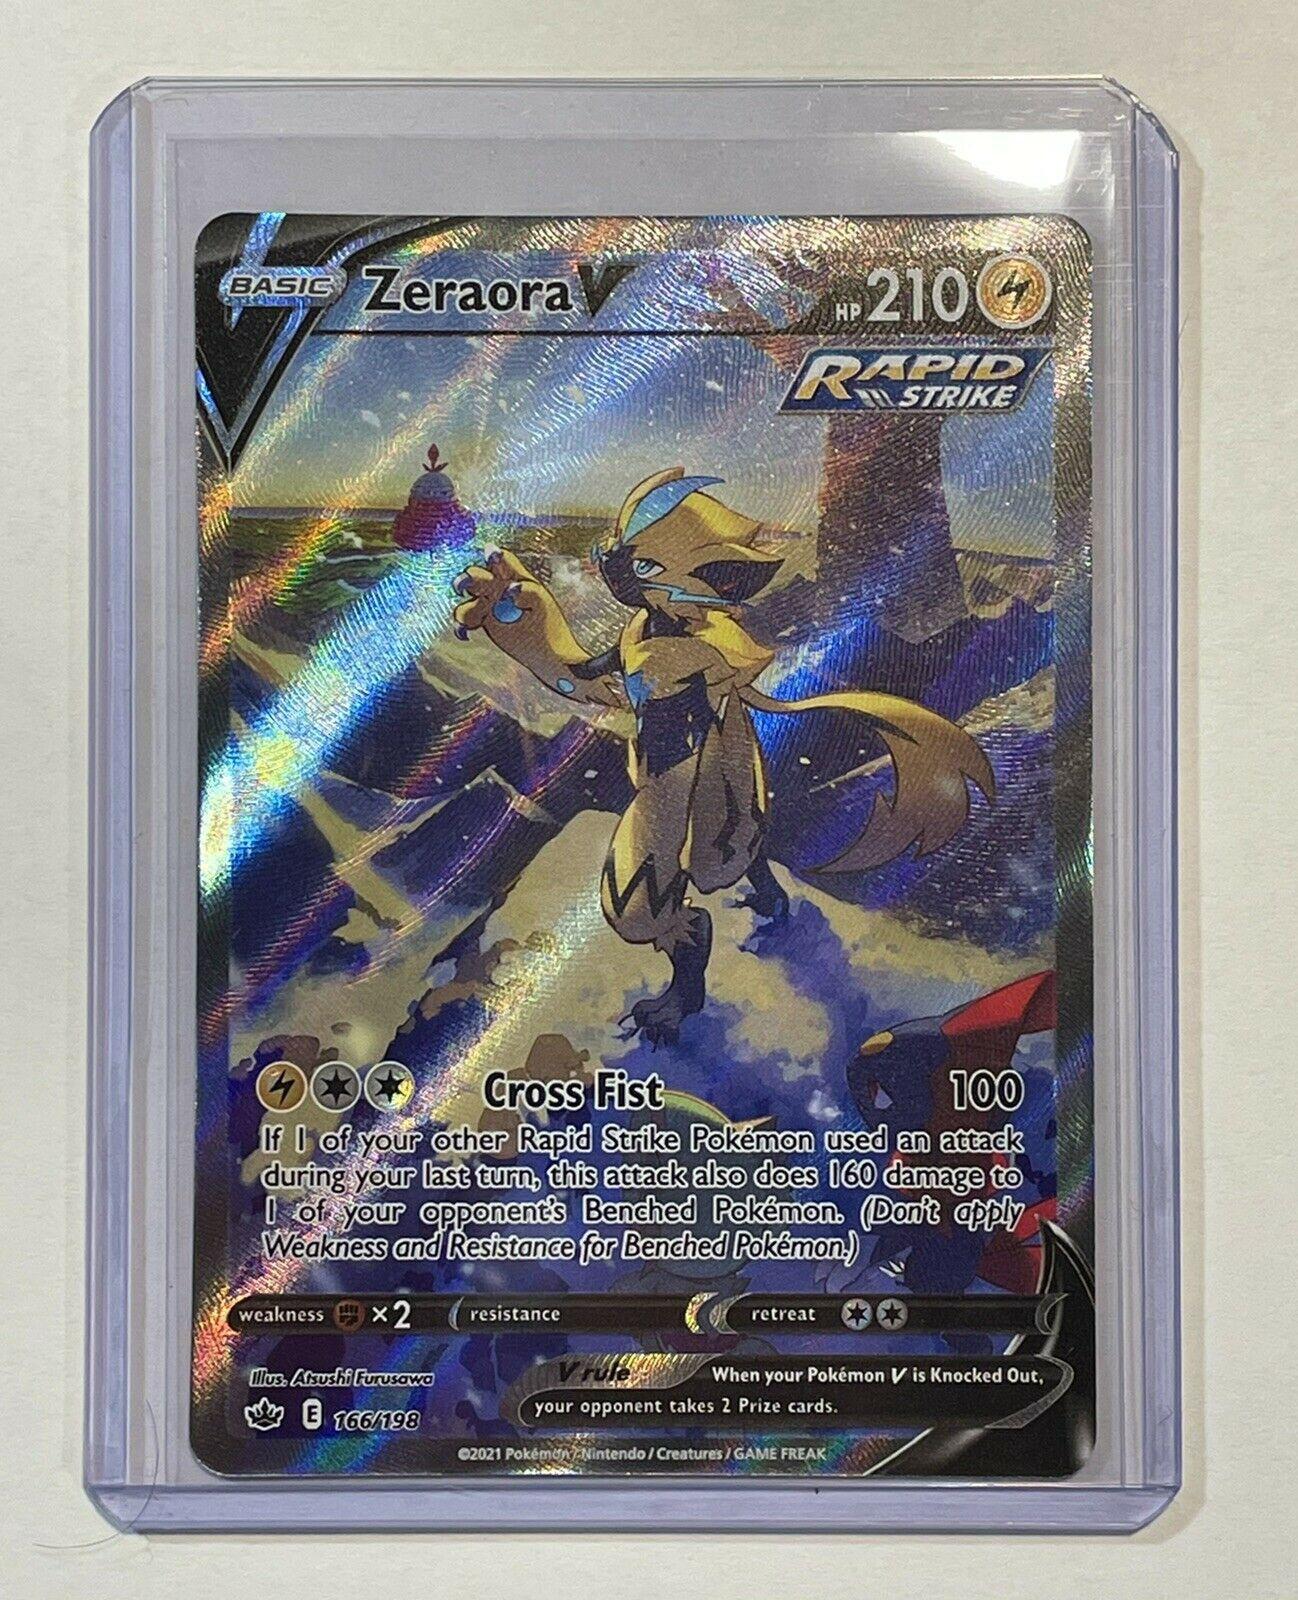 Pokemon TCG Chilling Reign Zeraora V Alternate Full Art Ultra Rare NM 166/198